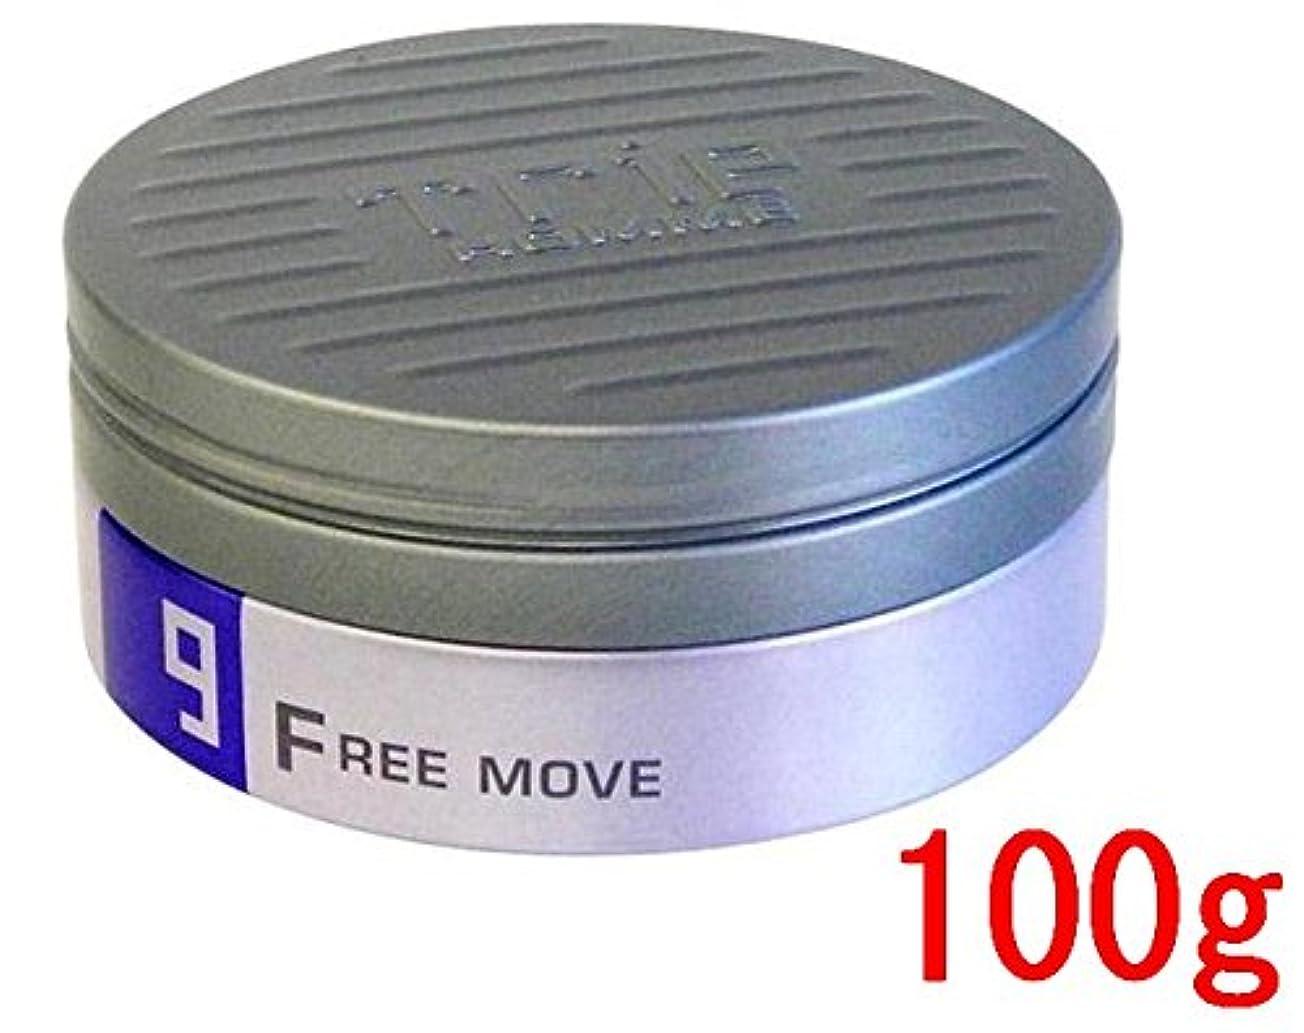 合法お別れ位置づけるルベル トリエオム フリームーブ9 100g